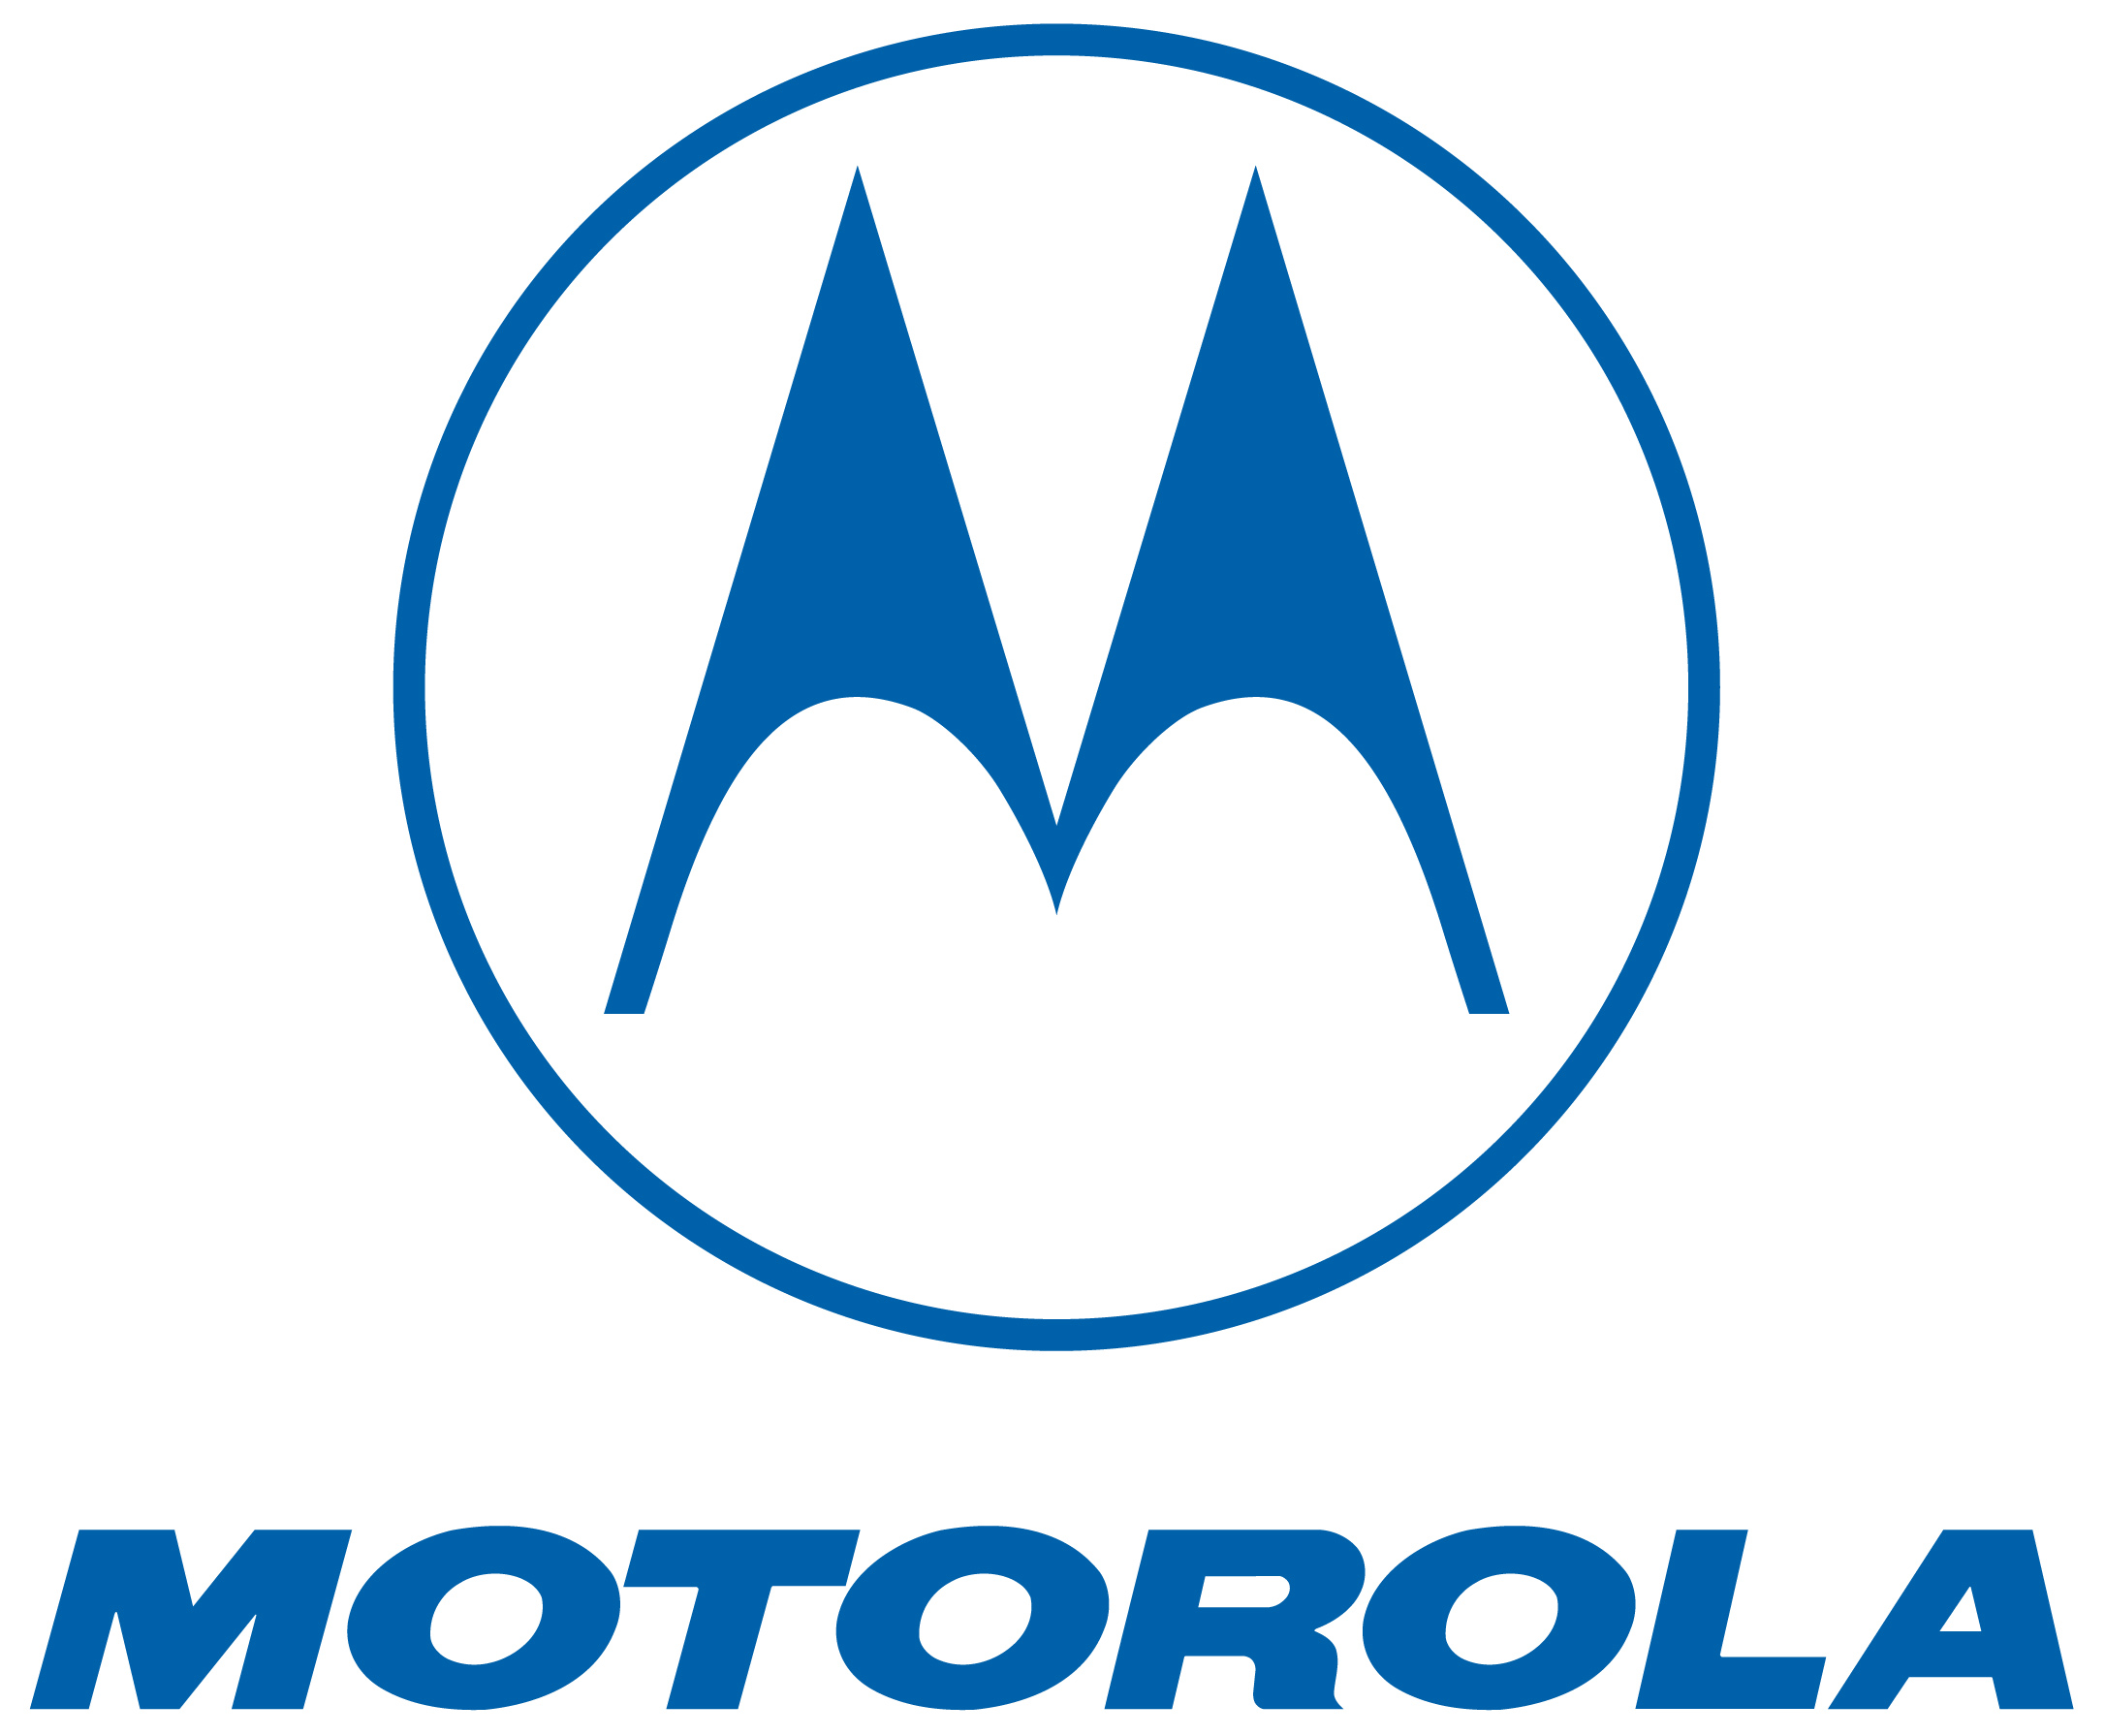 Motorola brand - Motorola PNG